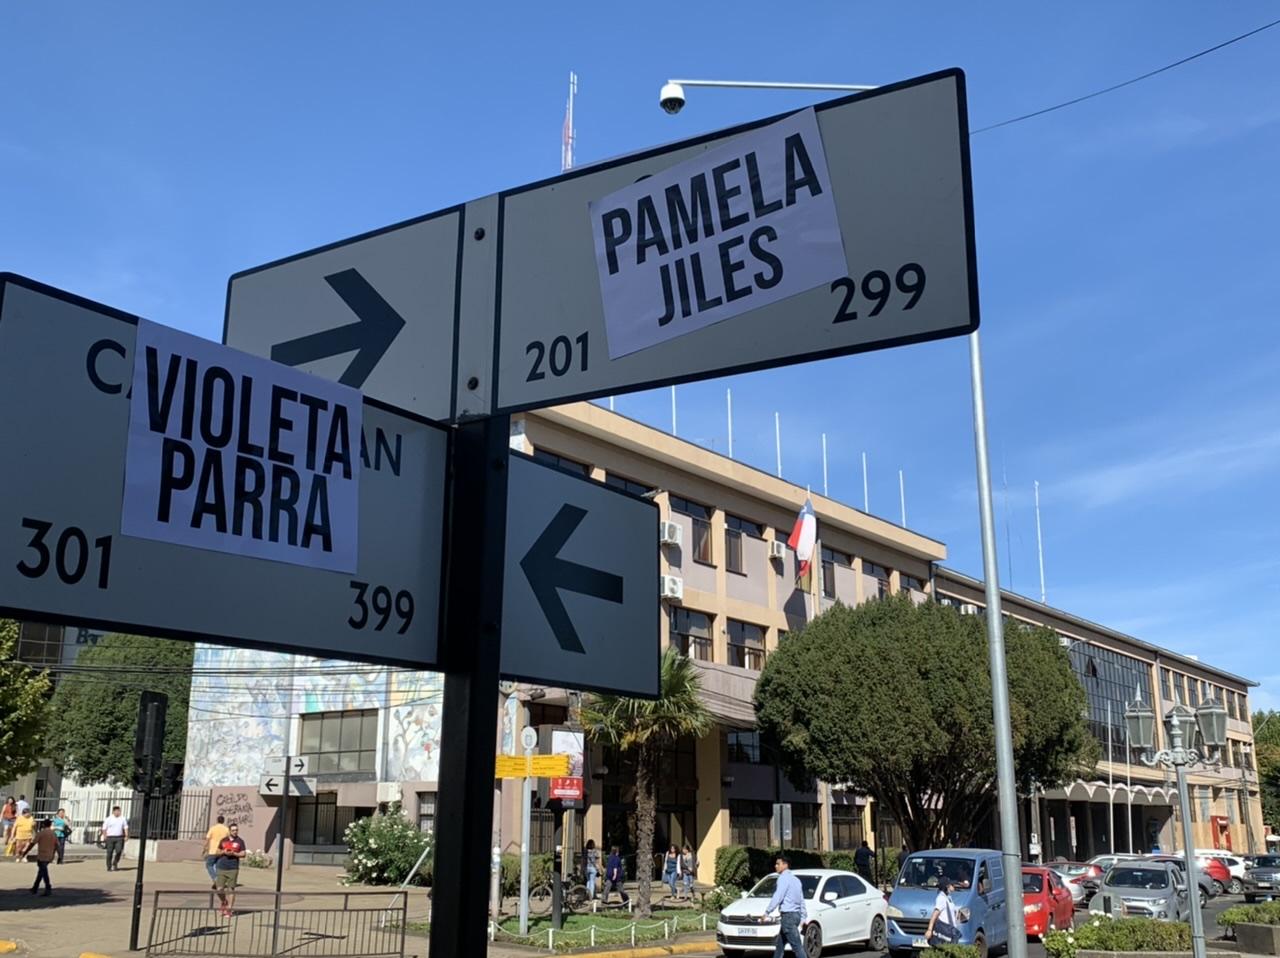 Rebautizan esquina de Los Ángeles como av. Pamela Jiles con Violeta Parra